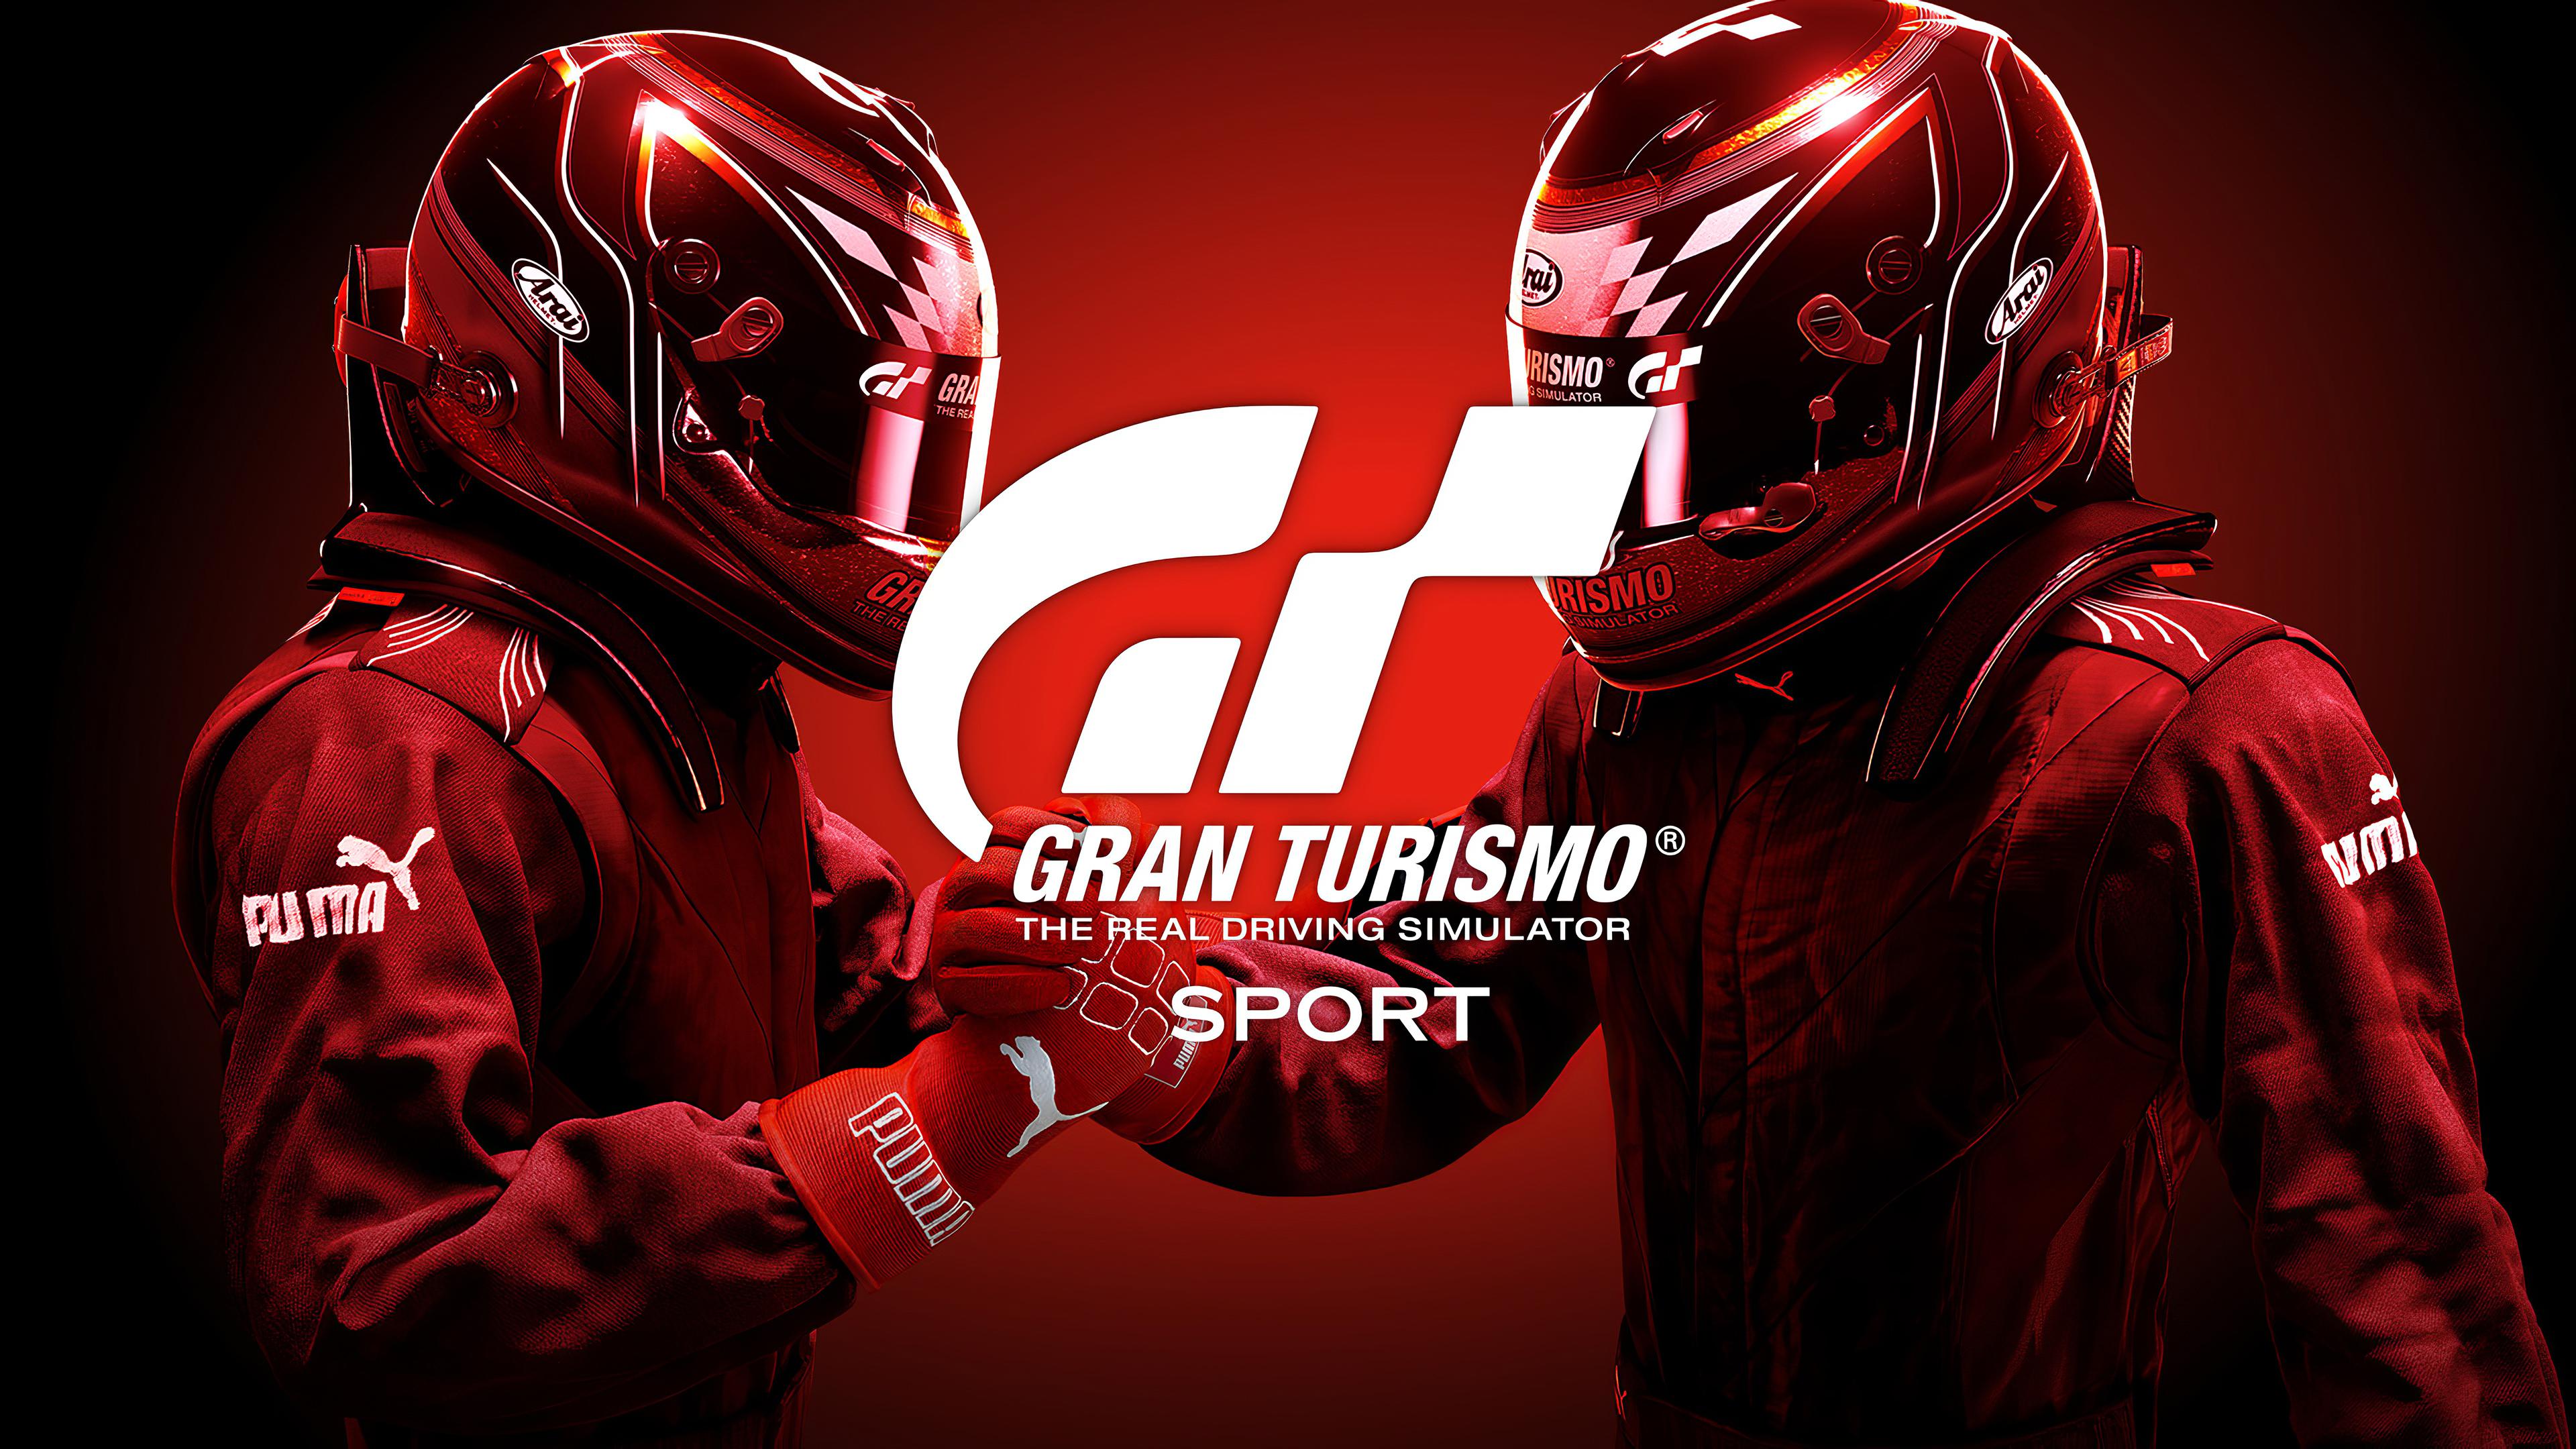 Gran Turismo Sport Iphone Wallpaper: Gran Turismo Sport 2019 4k, HD Games, 4k Wallpapers